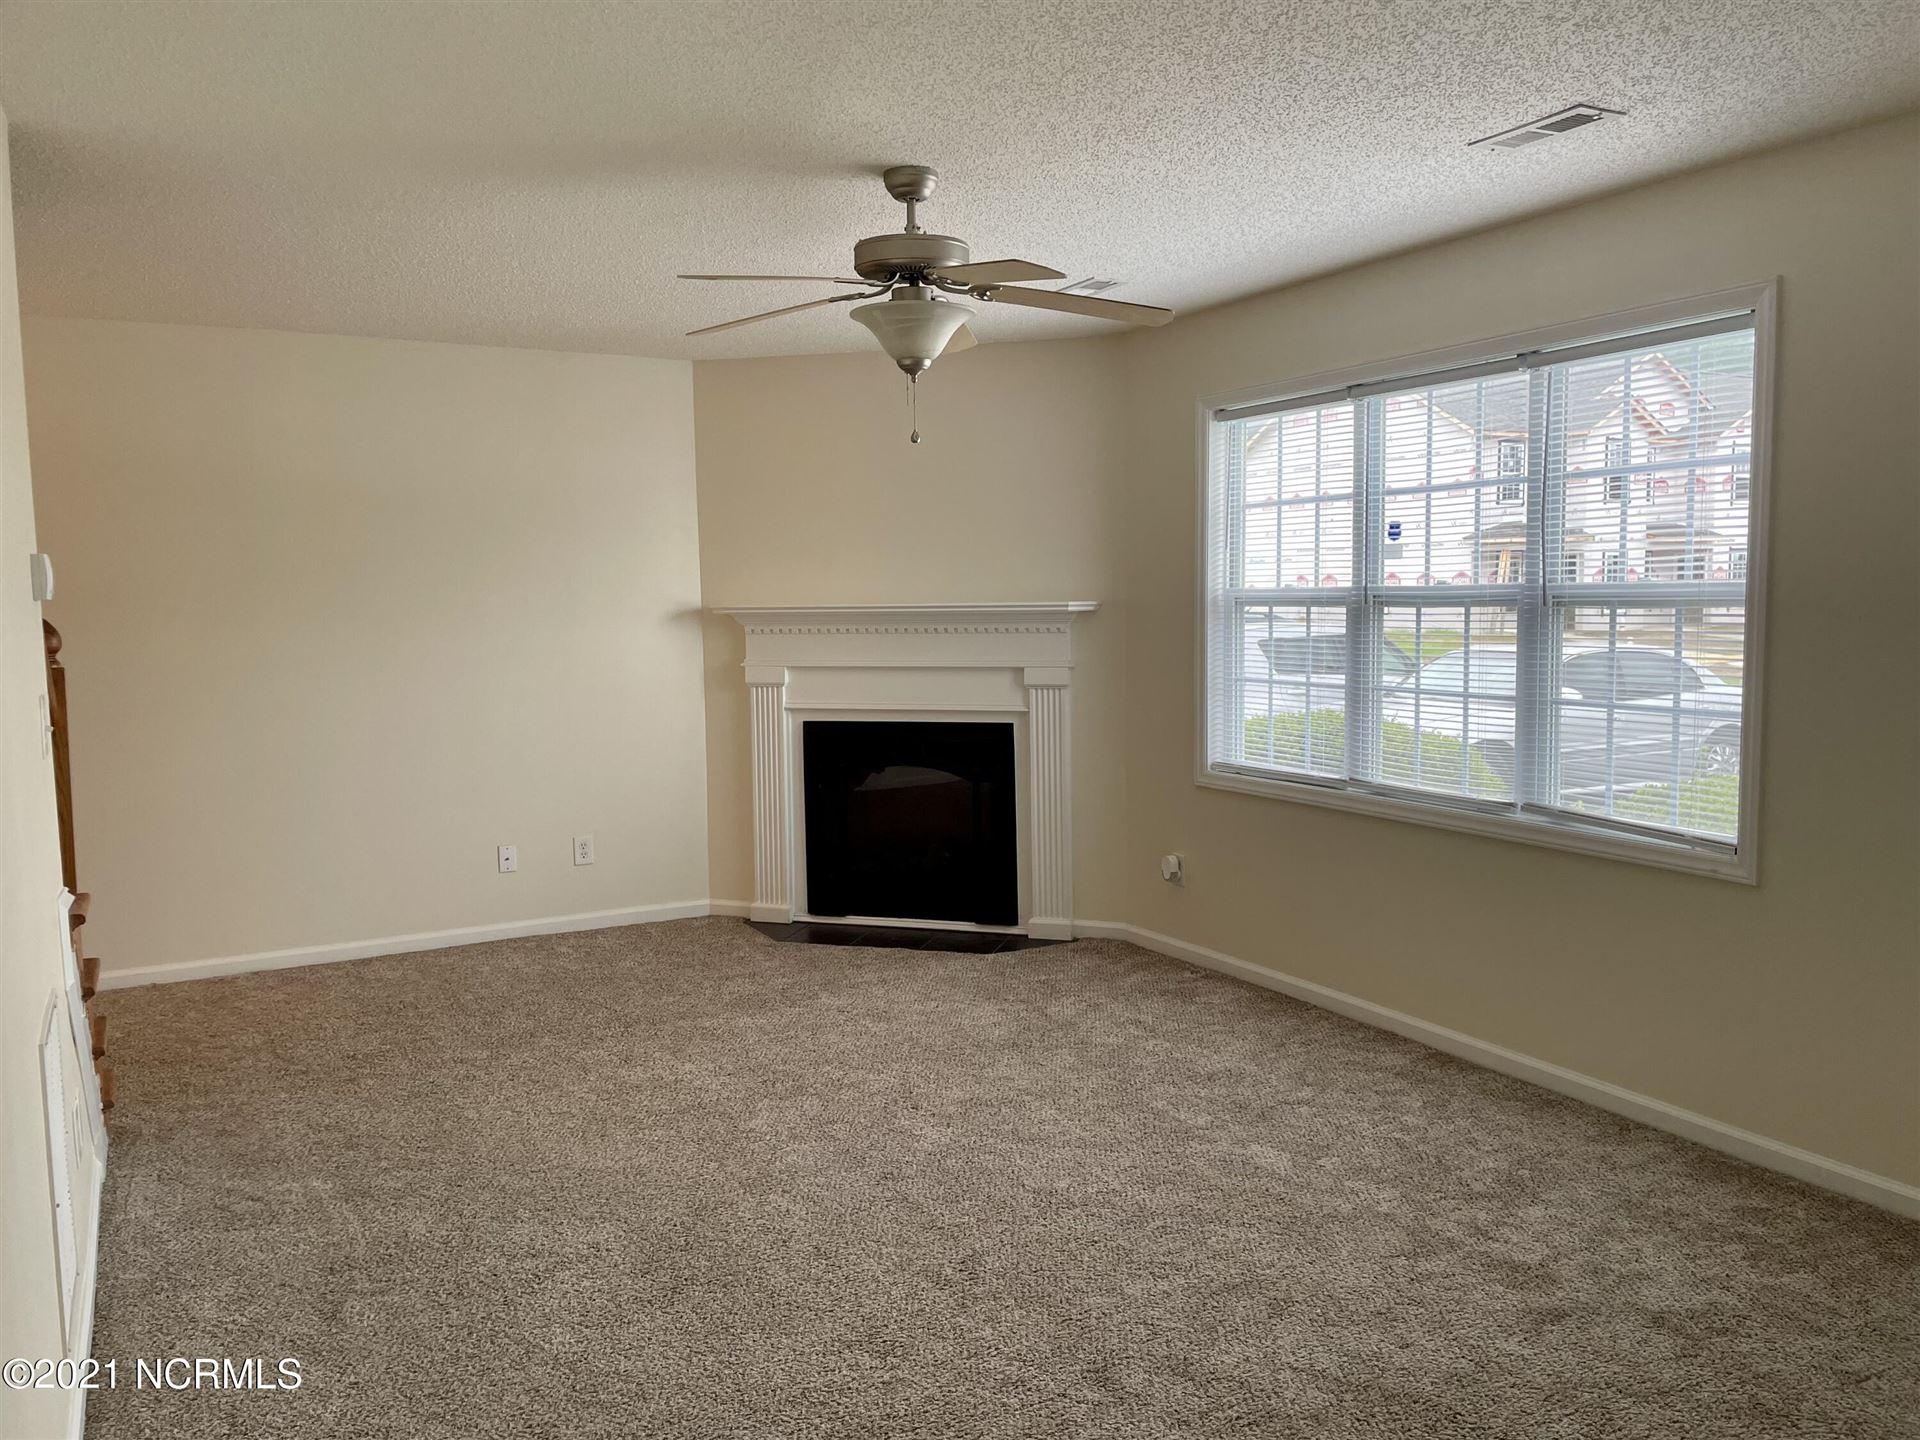 Photo of 4001 Cobblestone Drive #O-4, Greenville, NC 27834 (MLS # 100287016)